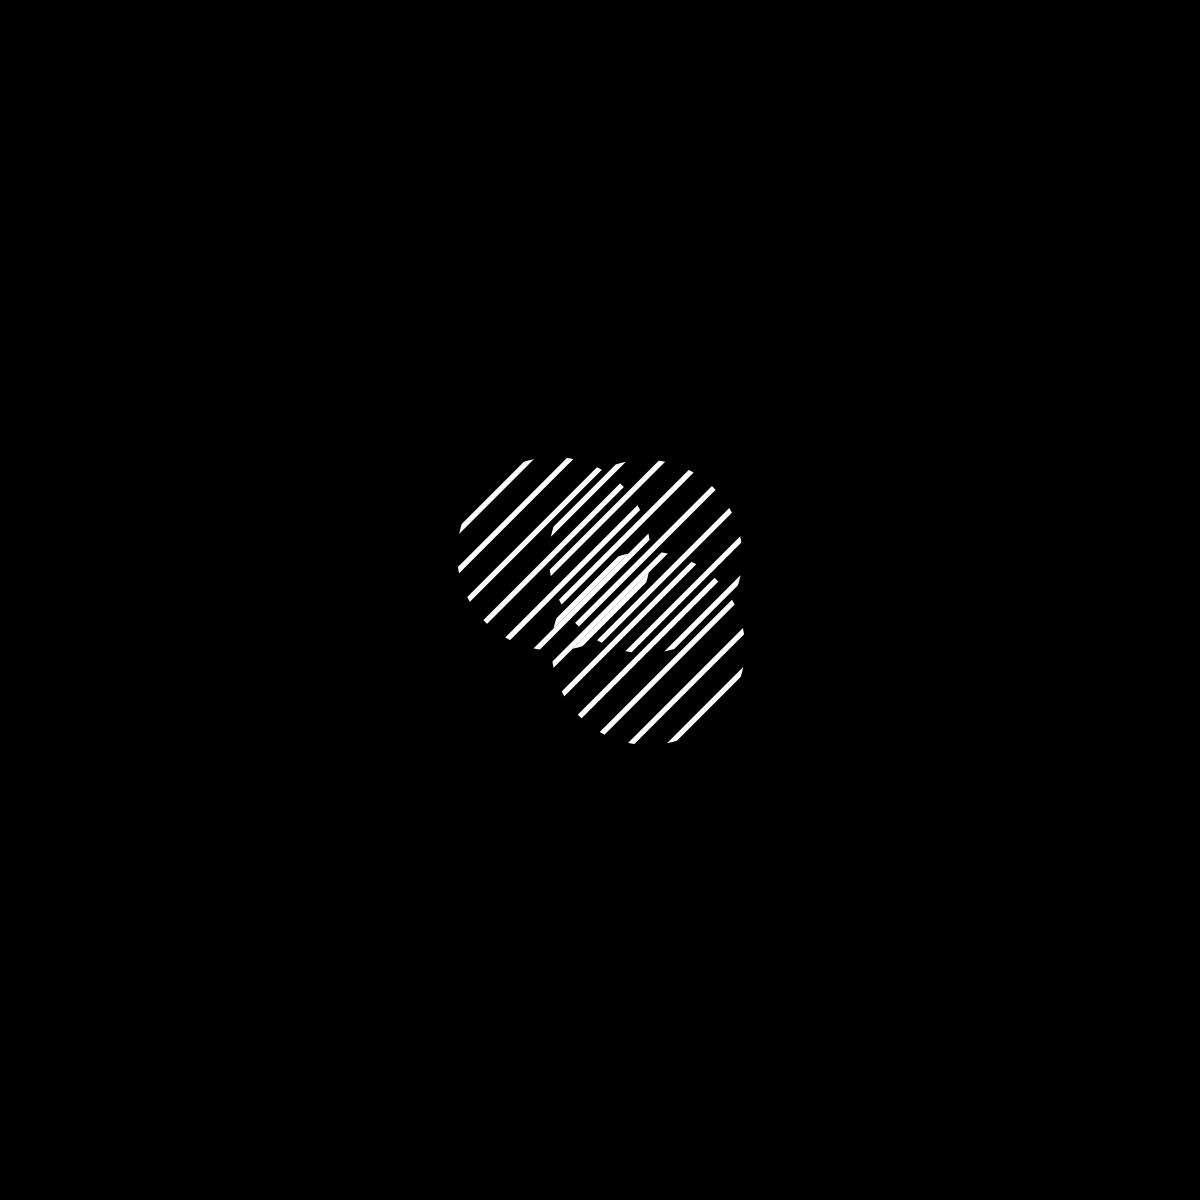 logocollection-v2-6